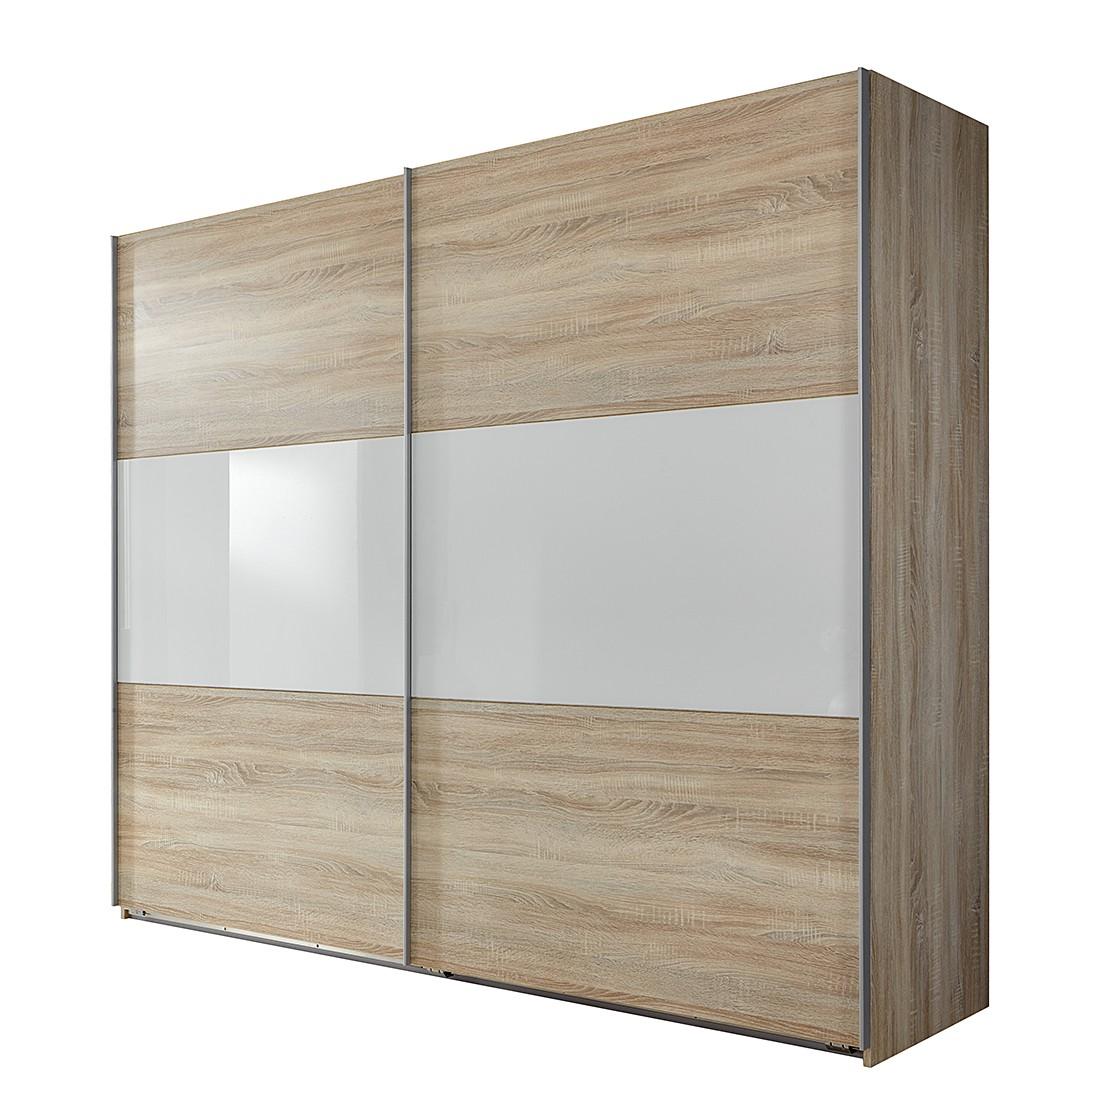 Armoire à portes coulissantes Medley II - Imitation chêne brut de sciage / Blanc - Largeur x hauteur